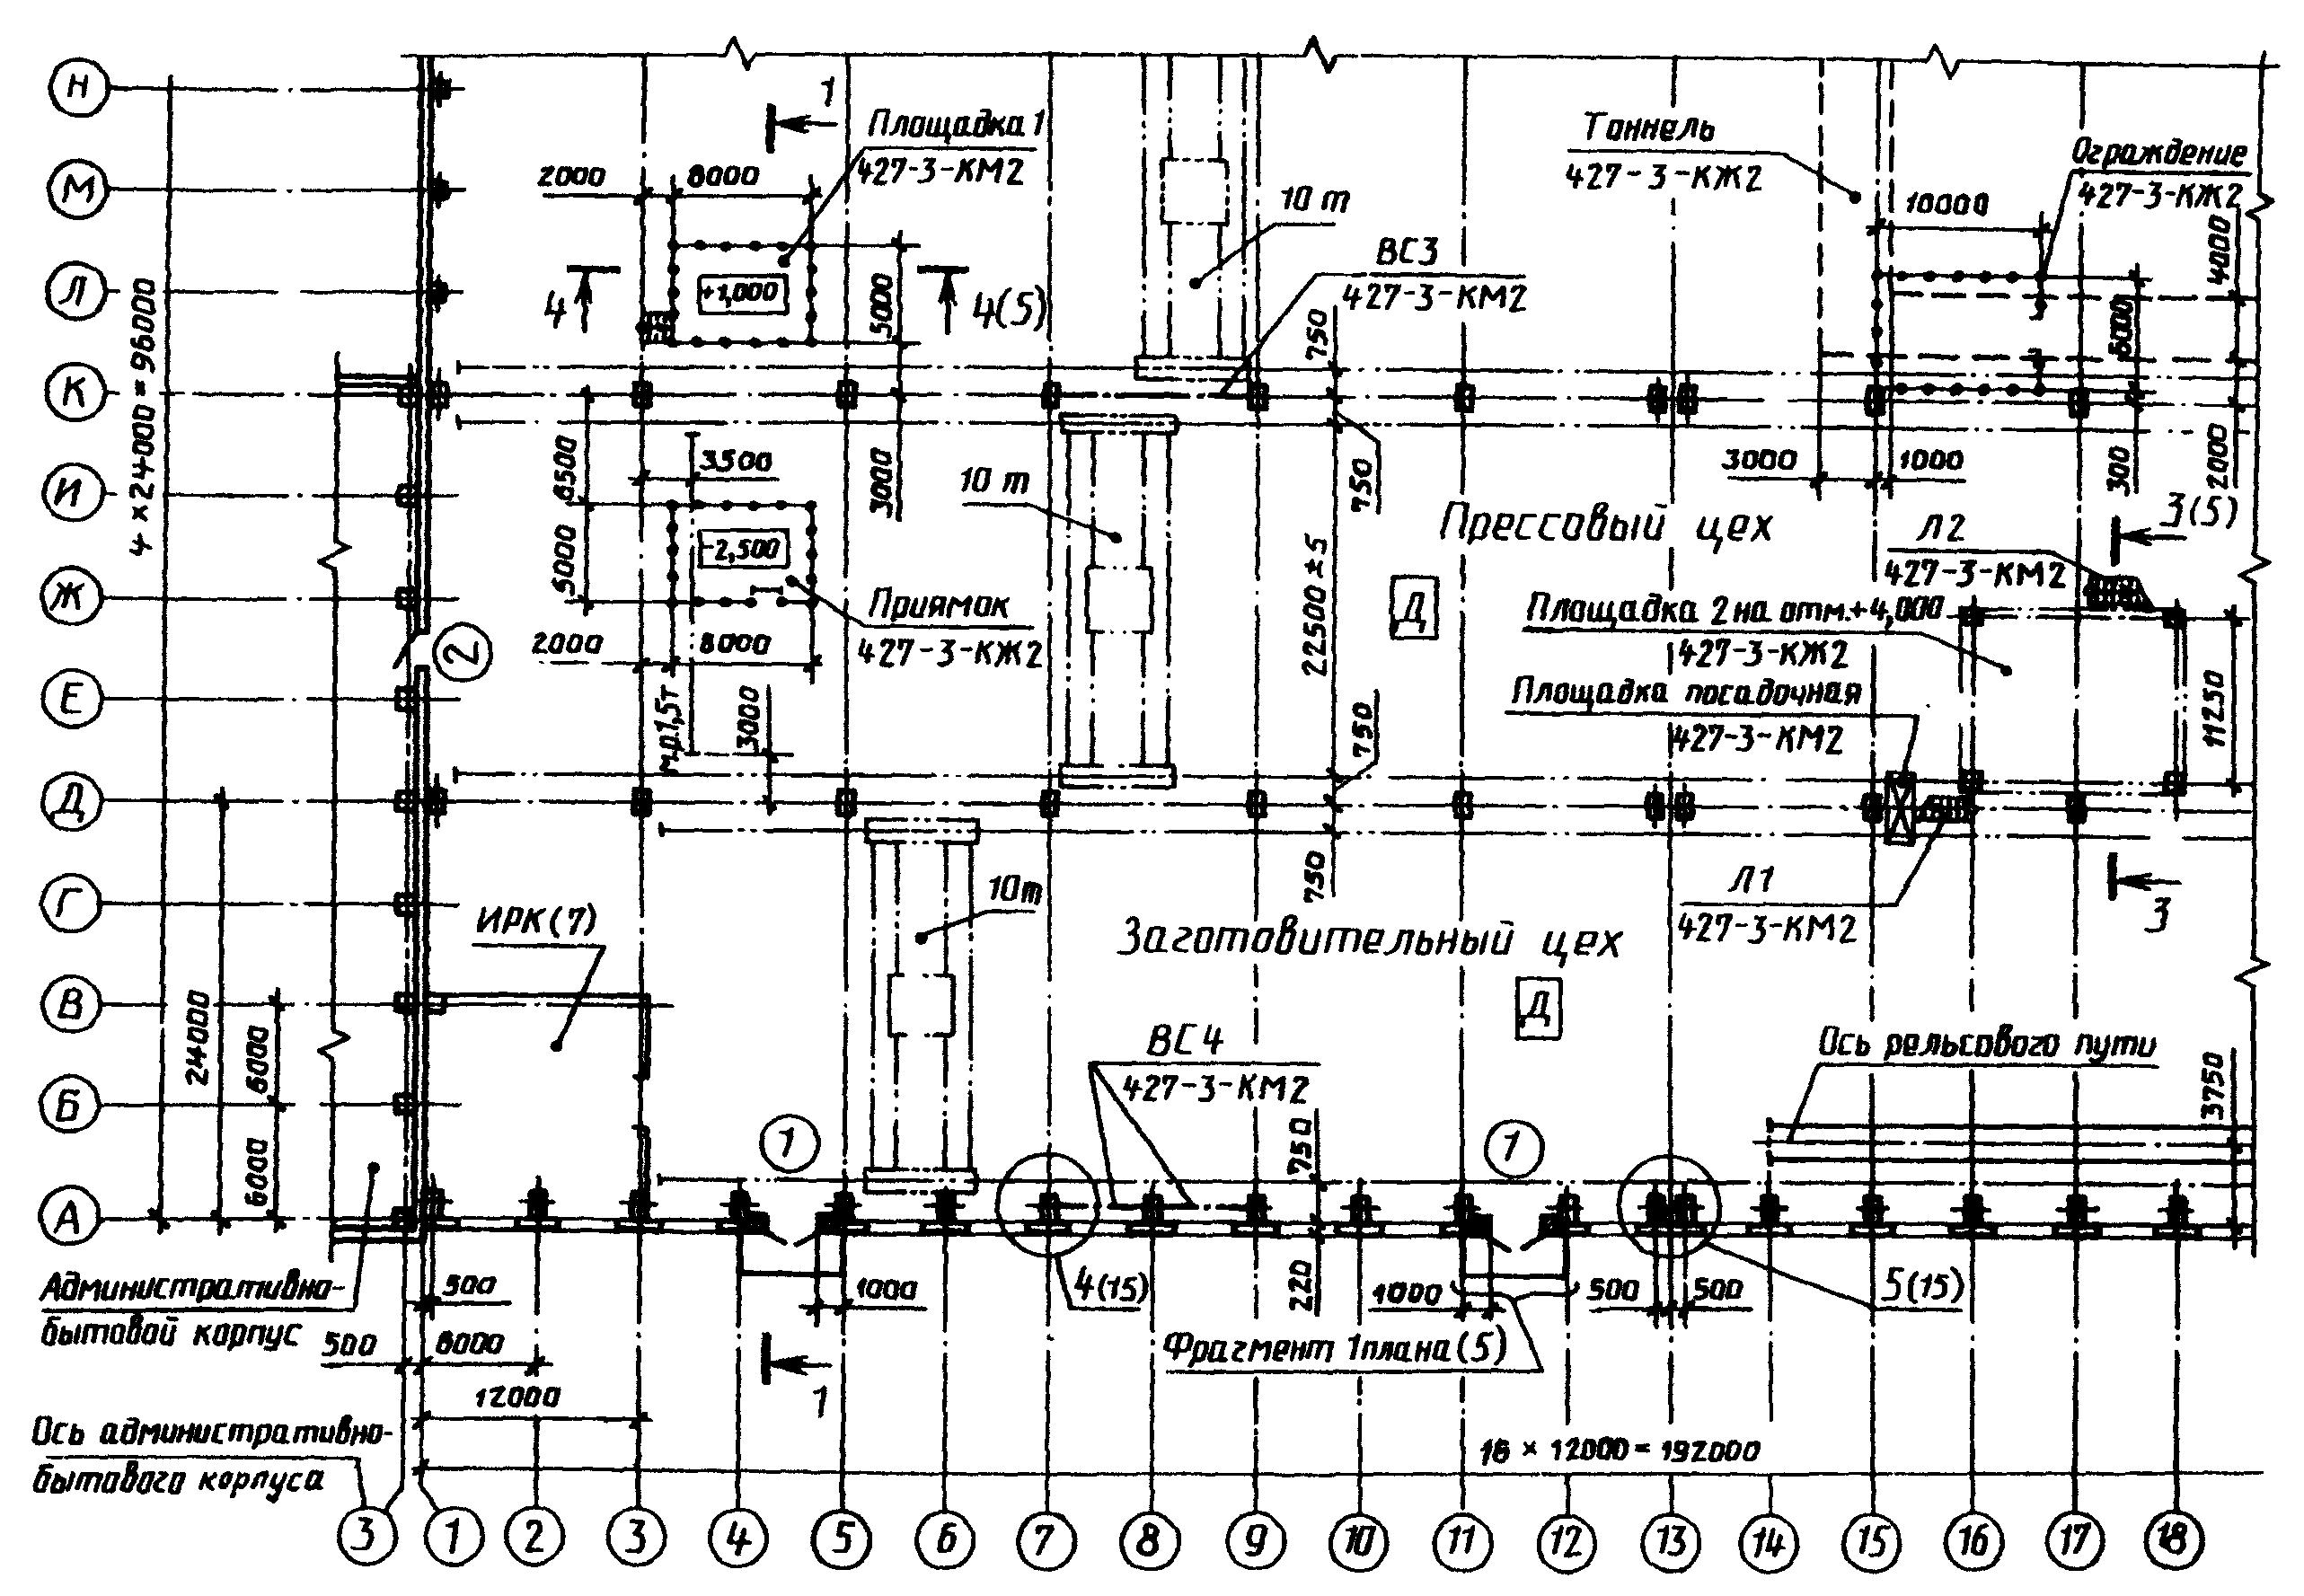 Правила выполнения строительных